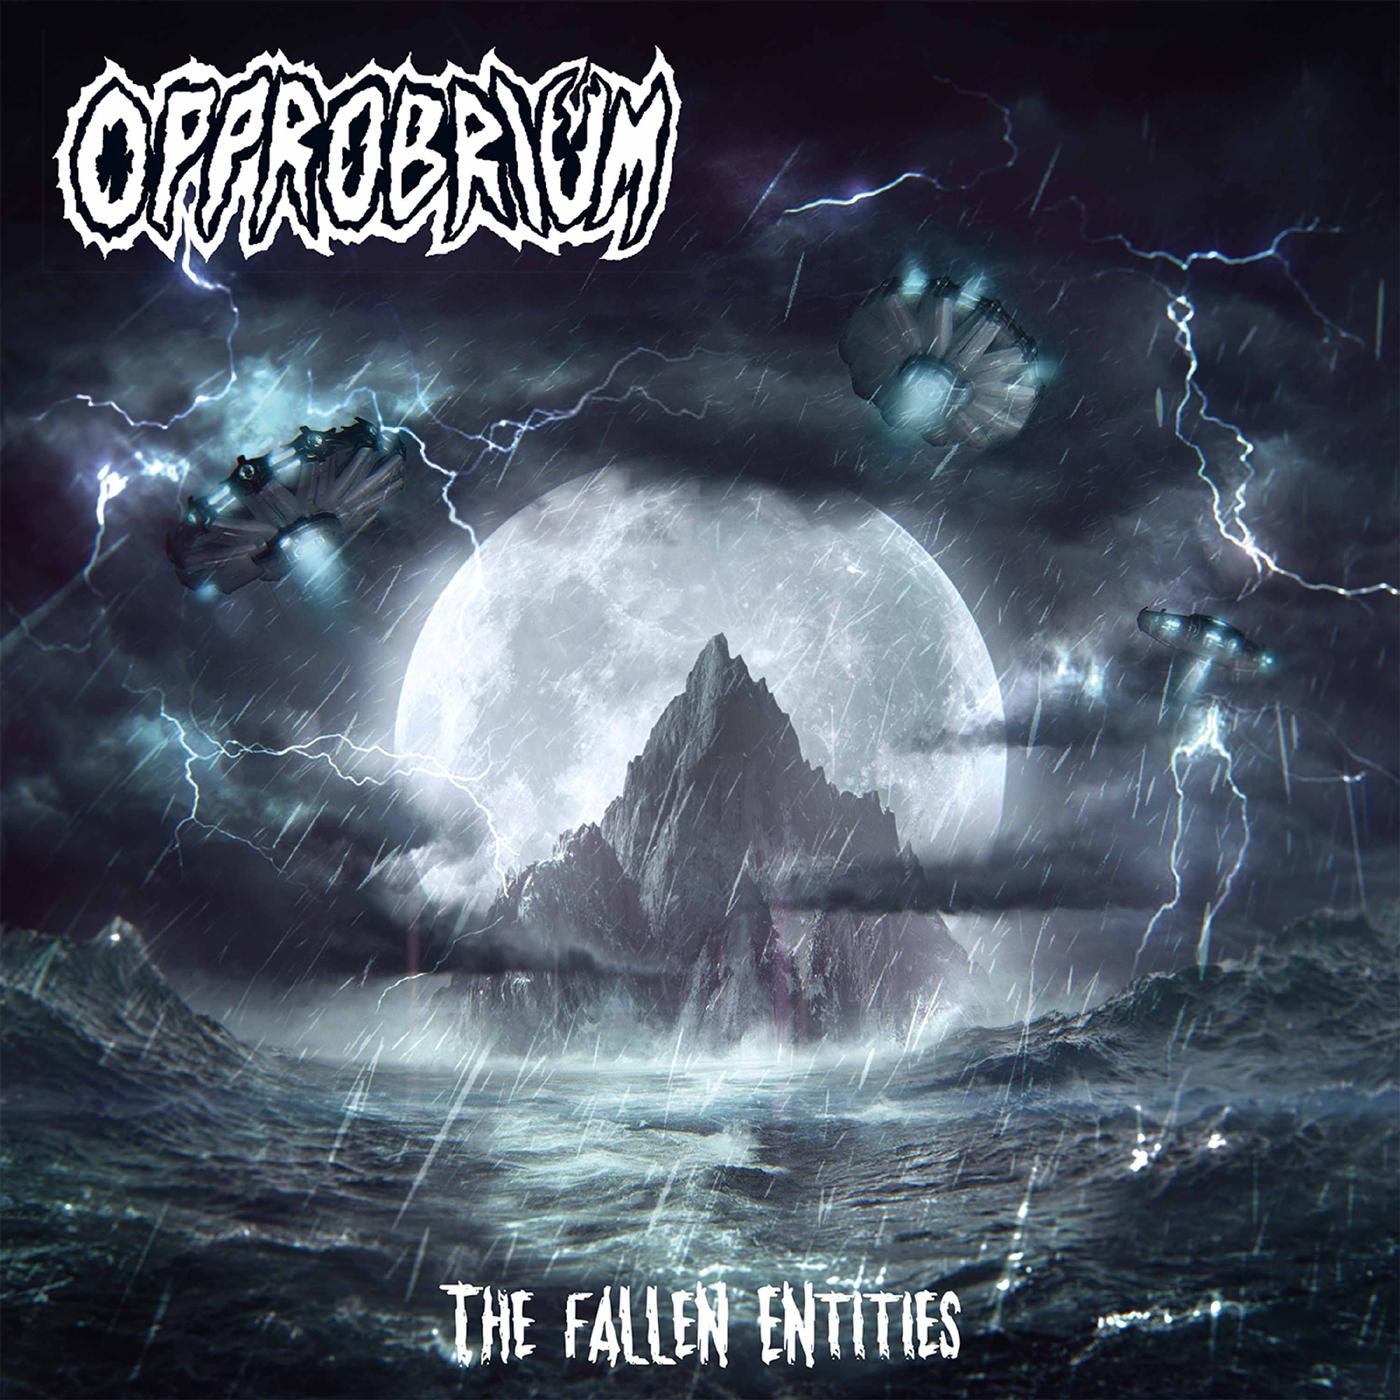 opprobrium-the-fallen-entities-ein-album-review